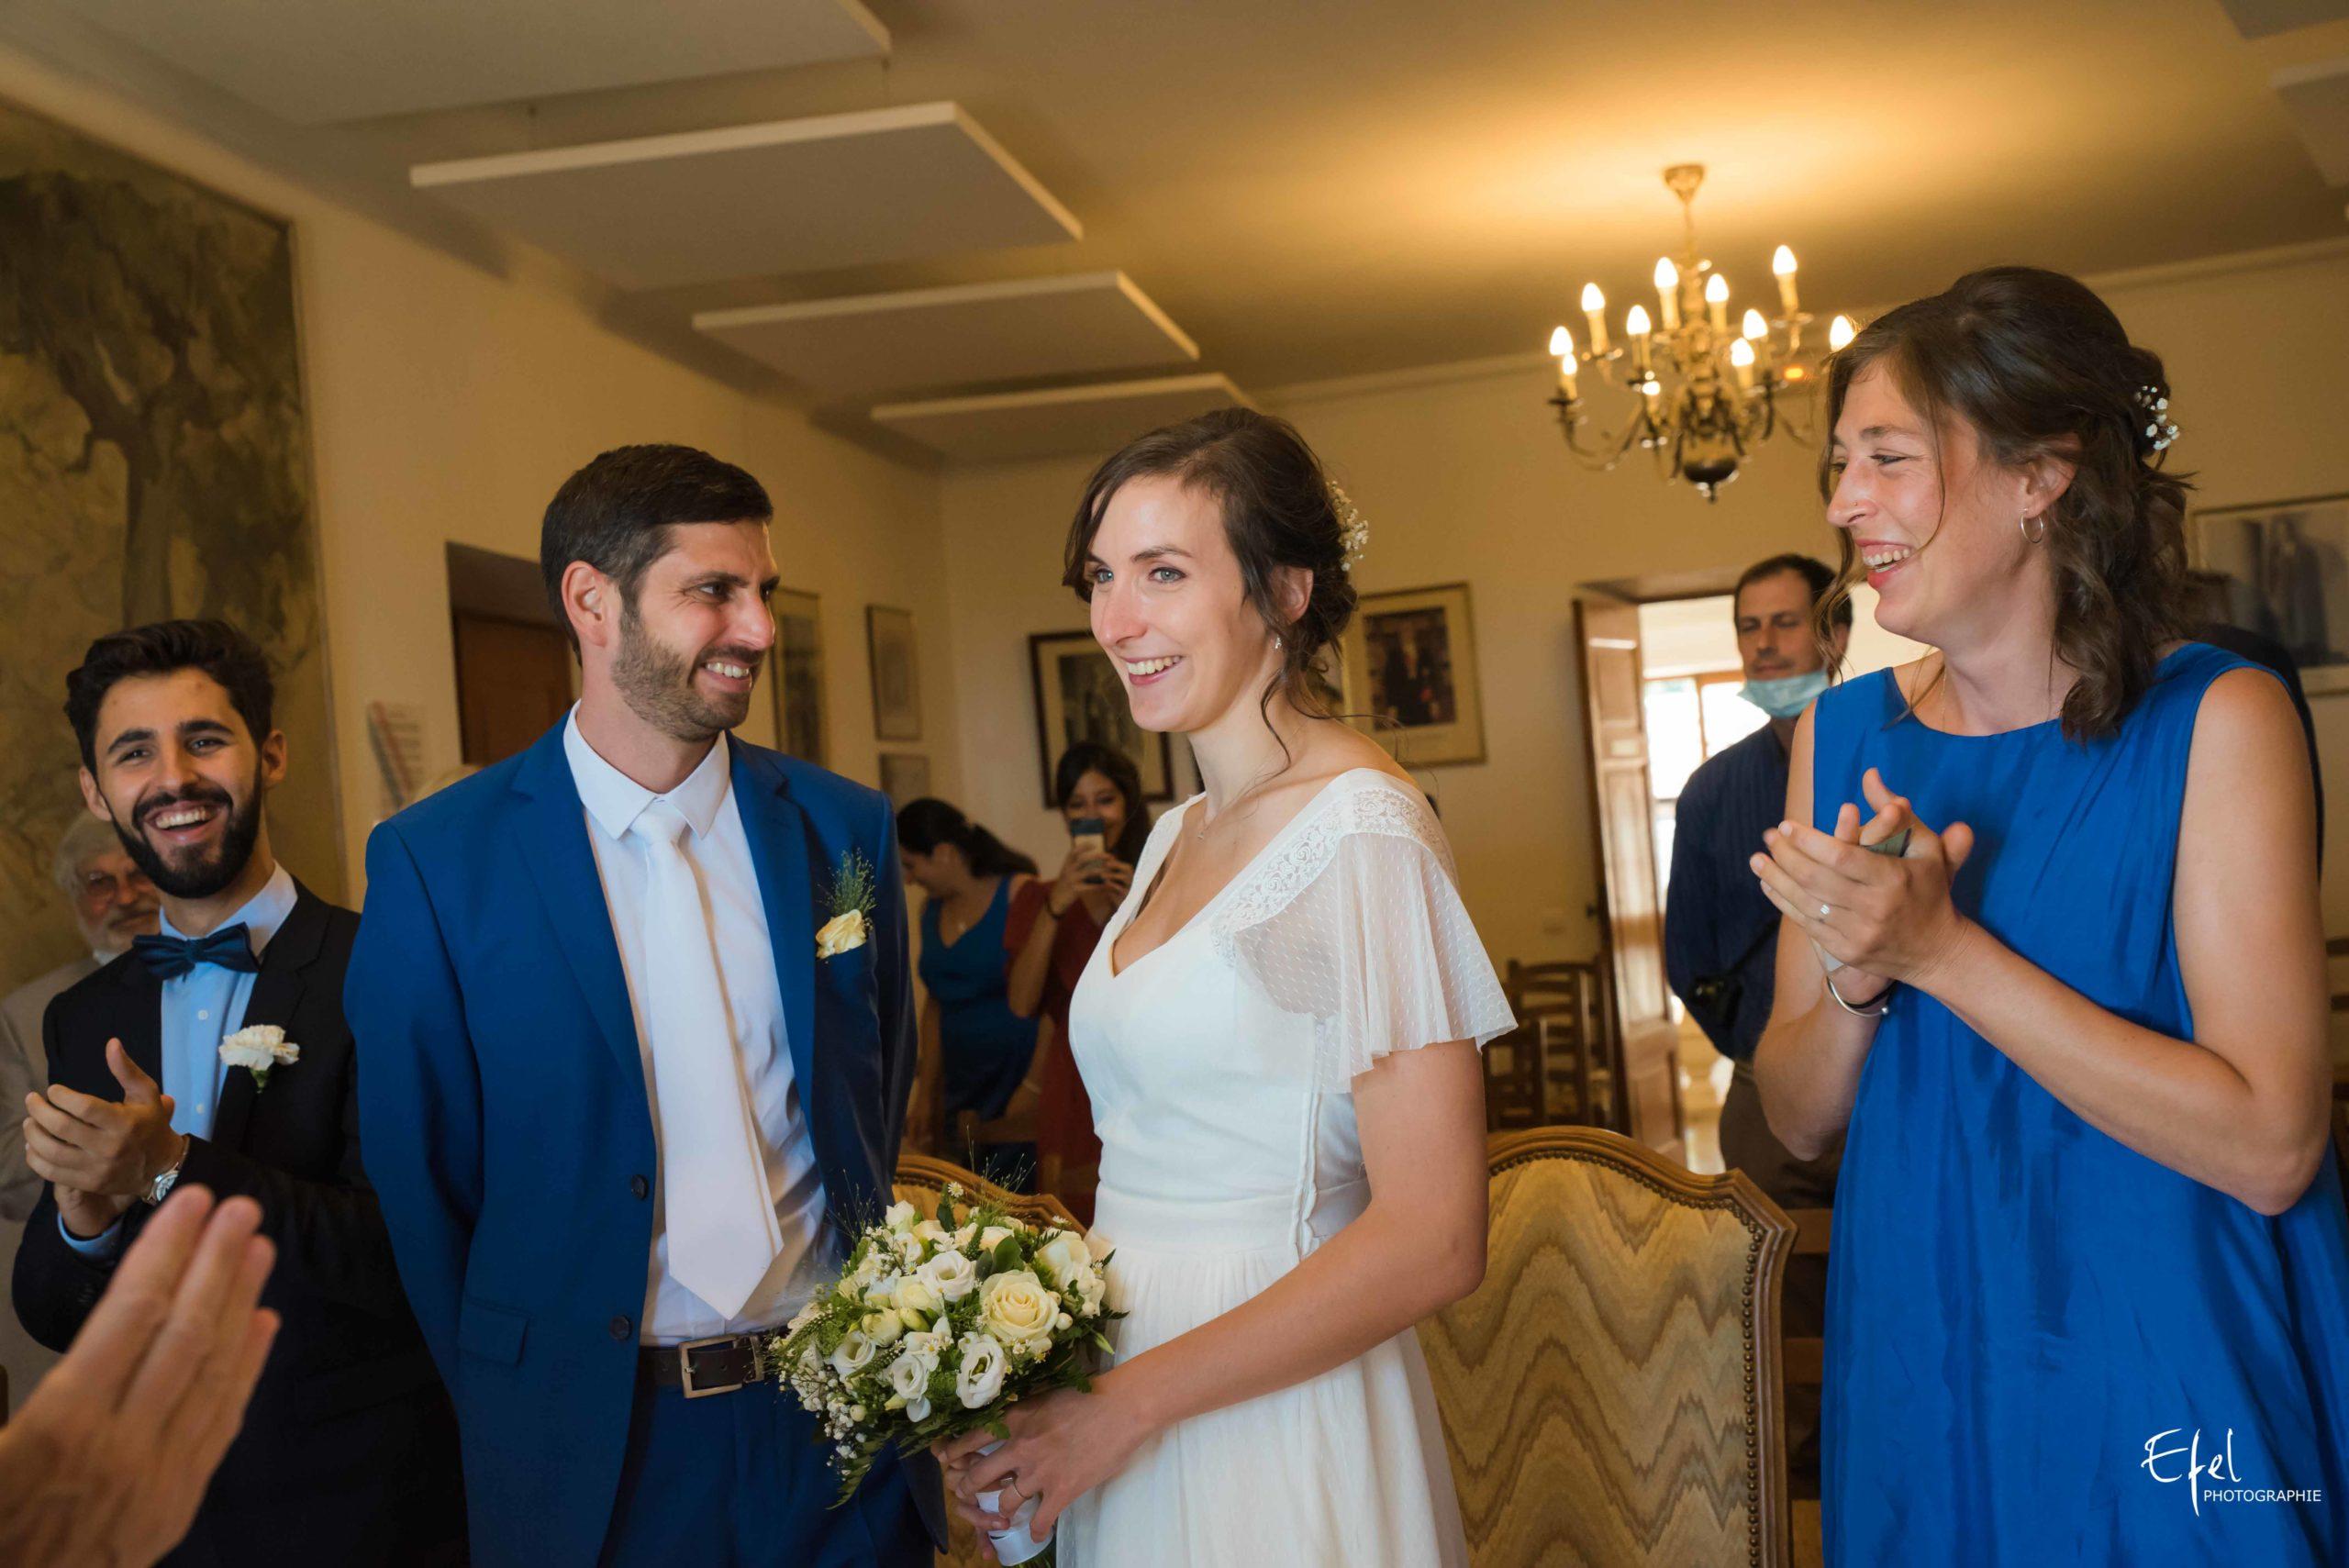 Les photos du mariage civil pendant le reportage de mariage